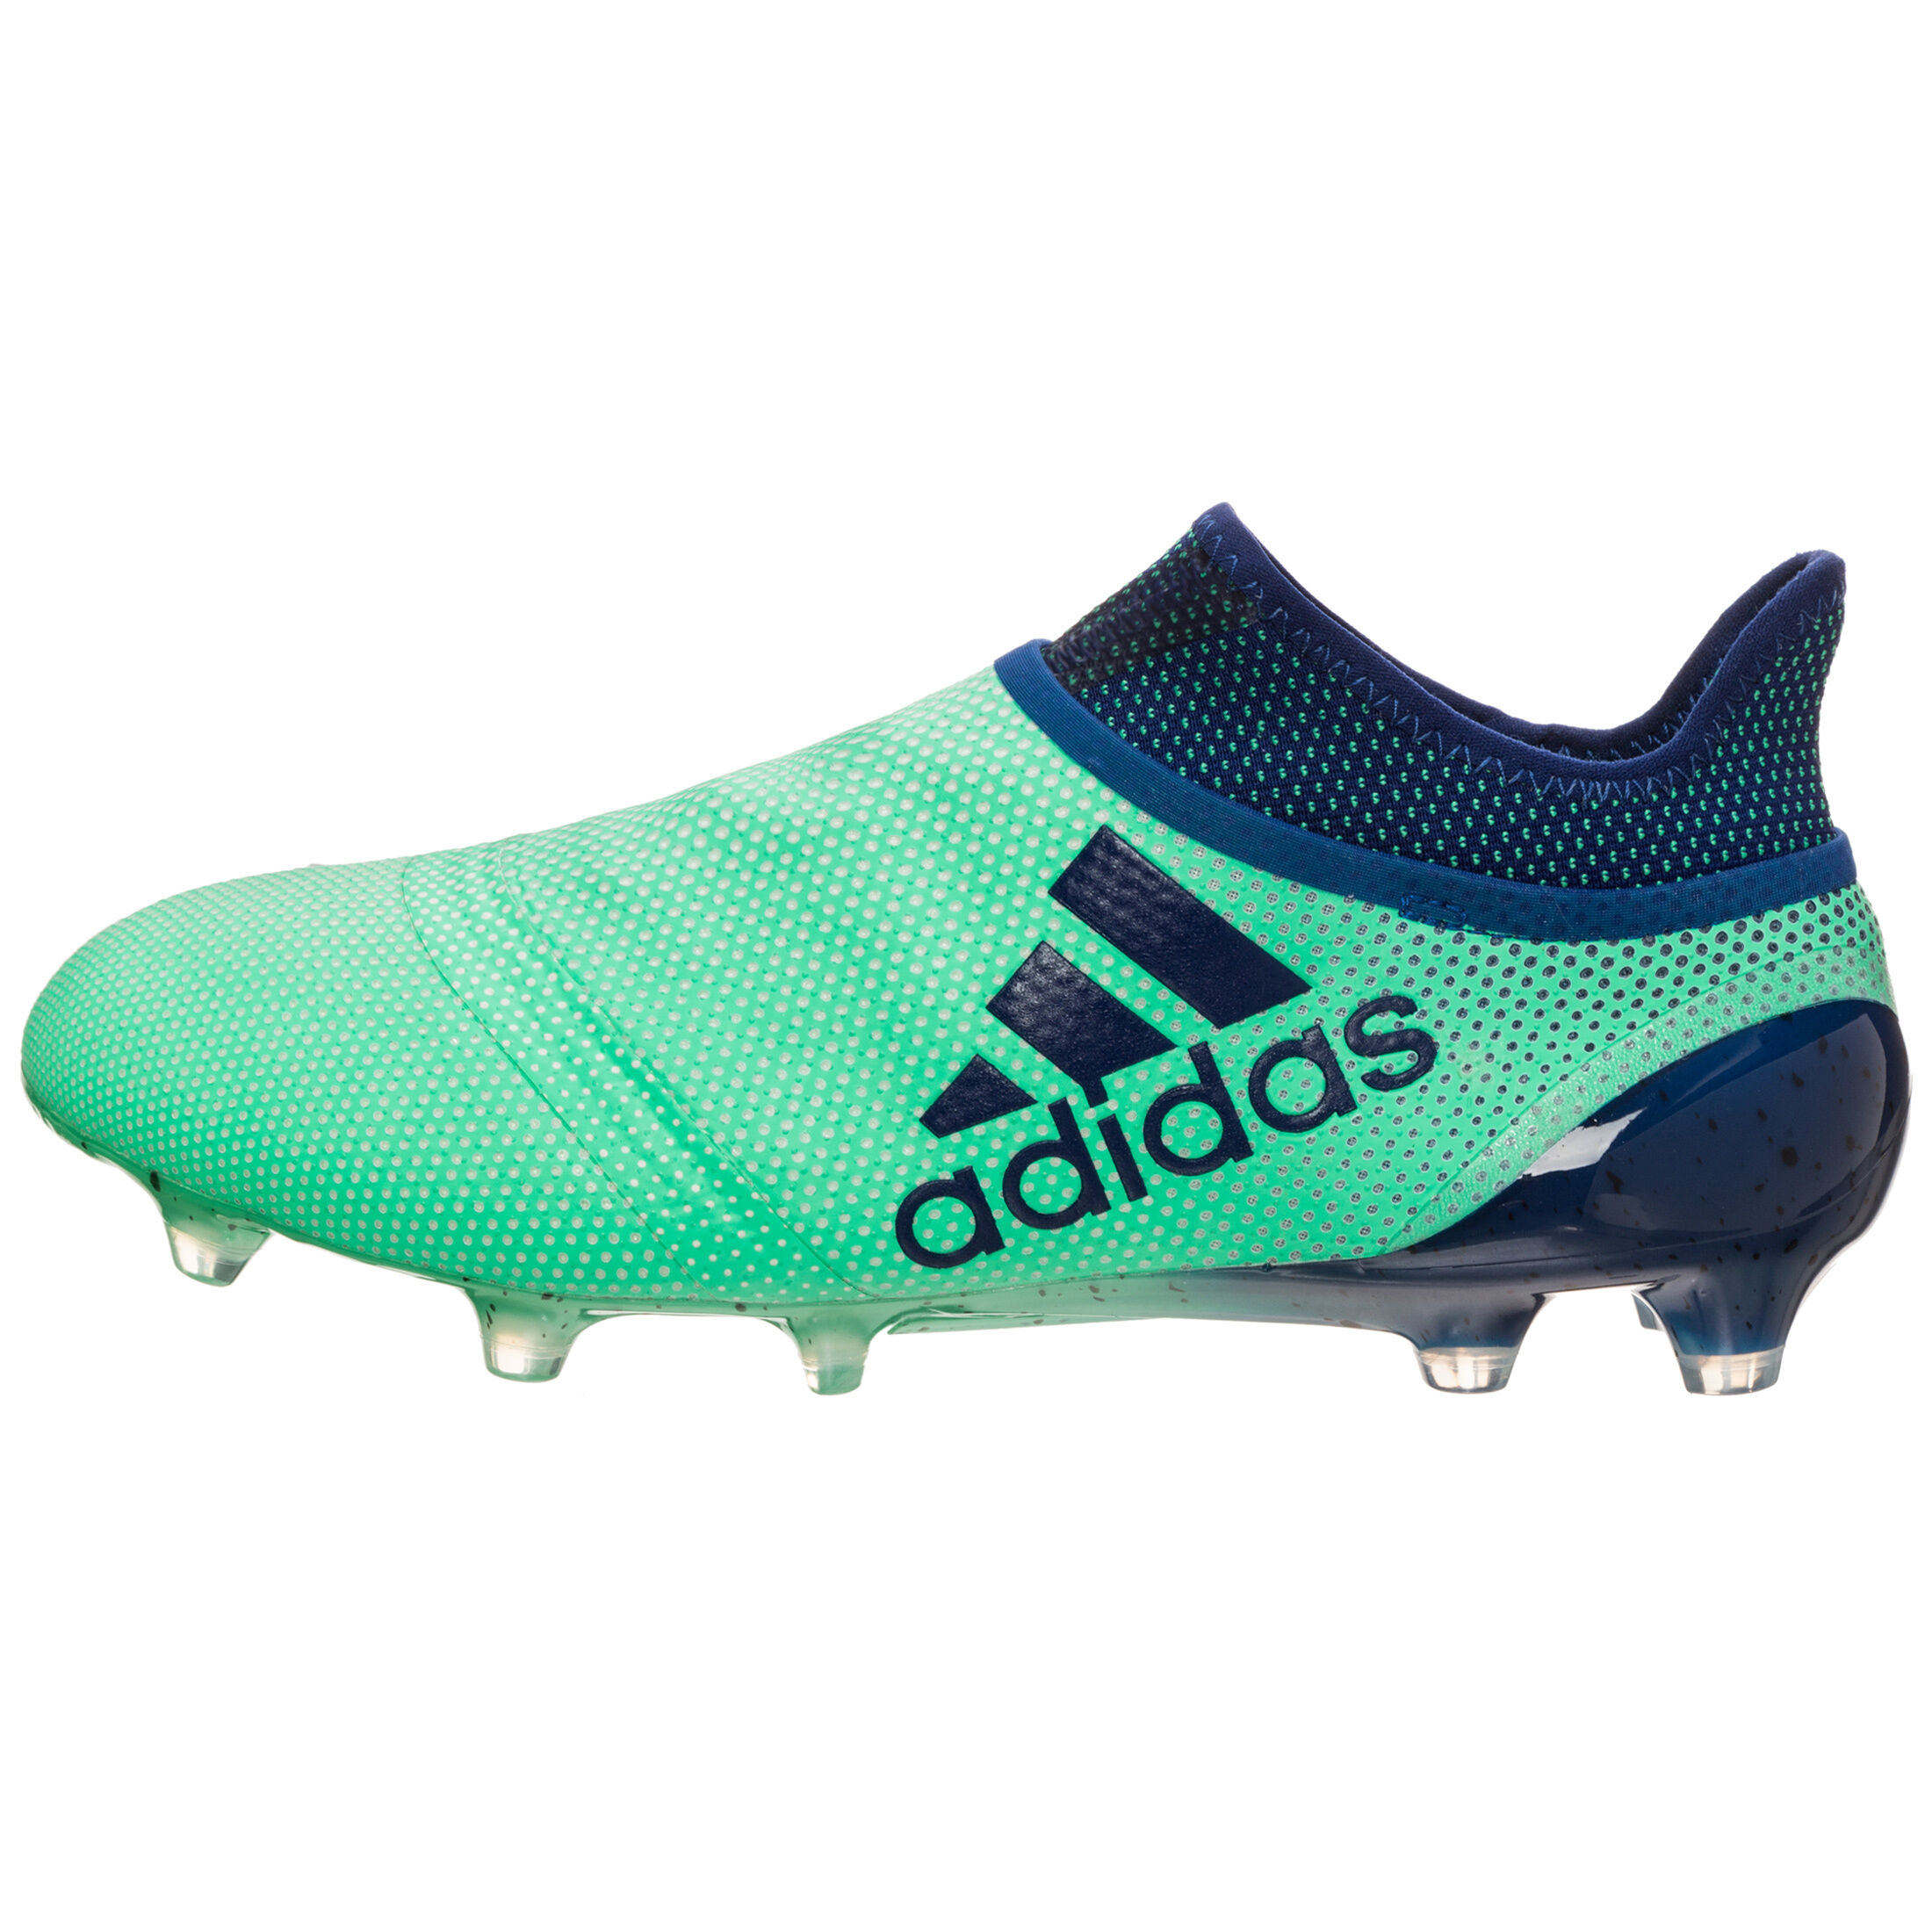 adidas Performance X 17+ Purespeed FG Fußballschuh Herren